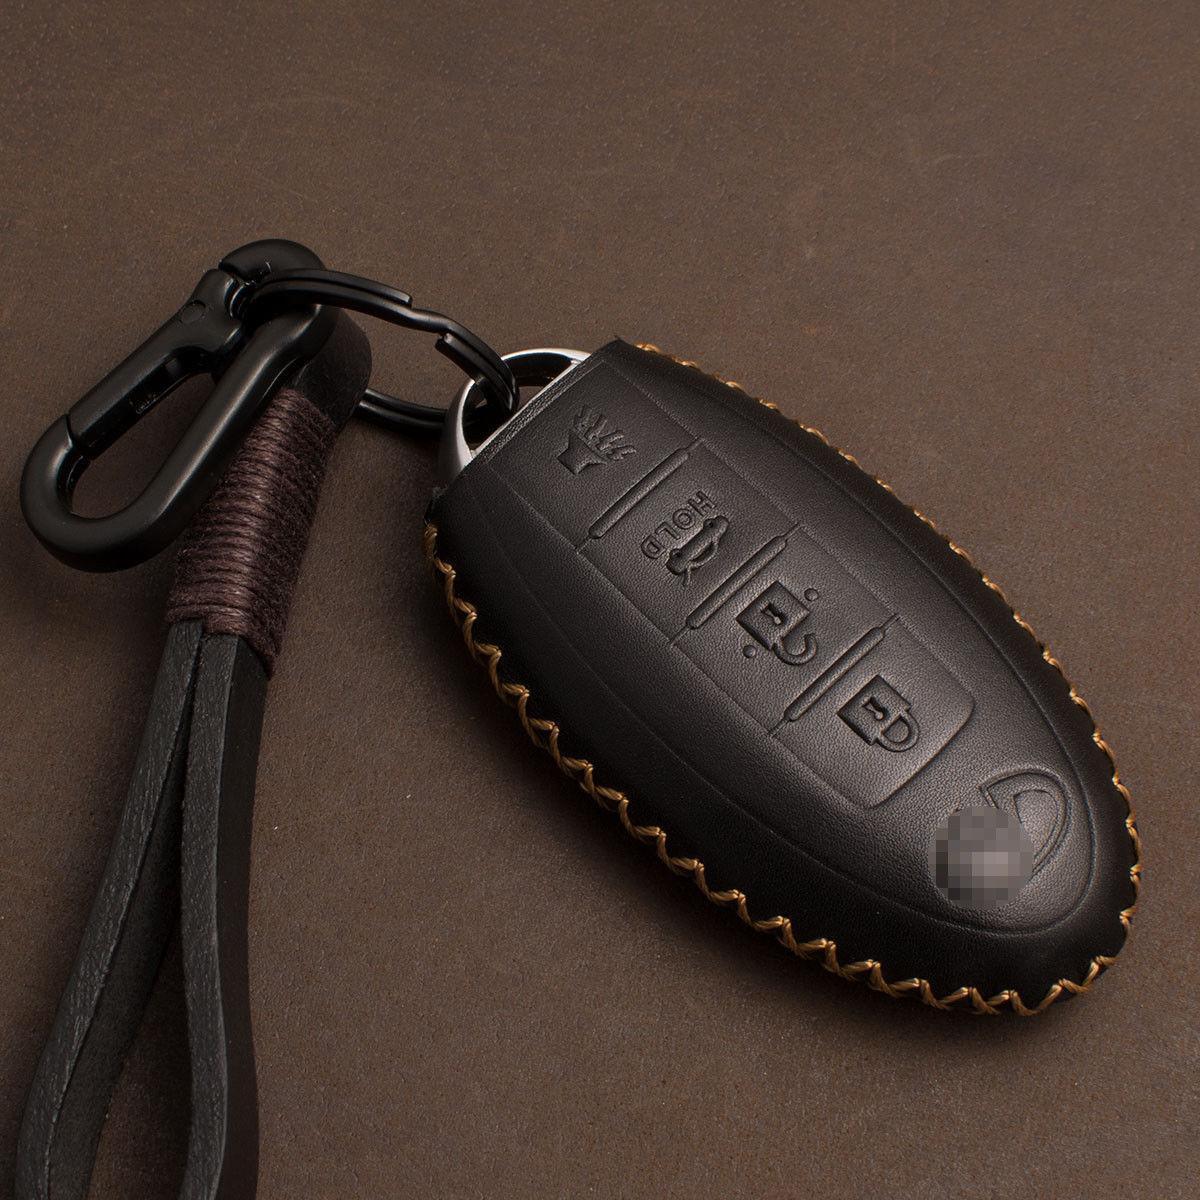 Чехол из тонкой телячьей кожи для ключа Infiniti Q30/50/60/70,QX30/50/60/70/80 EX FX 35/37/45